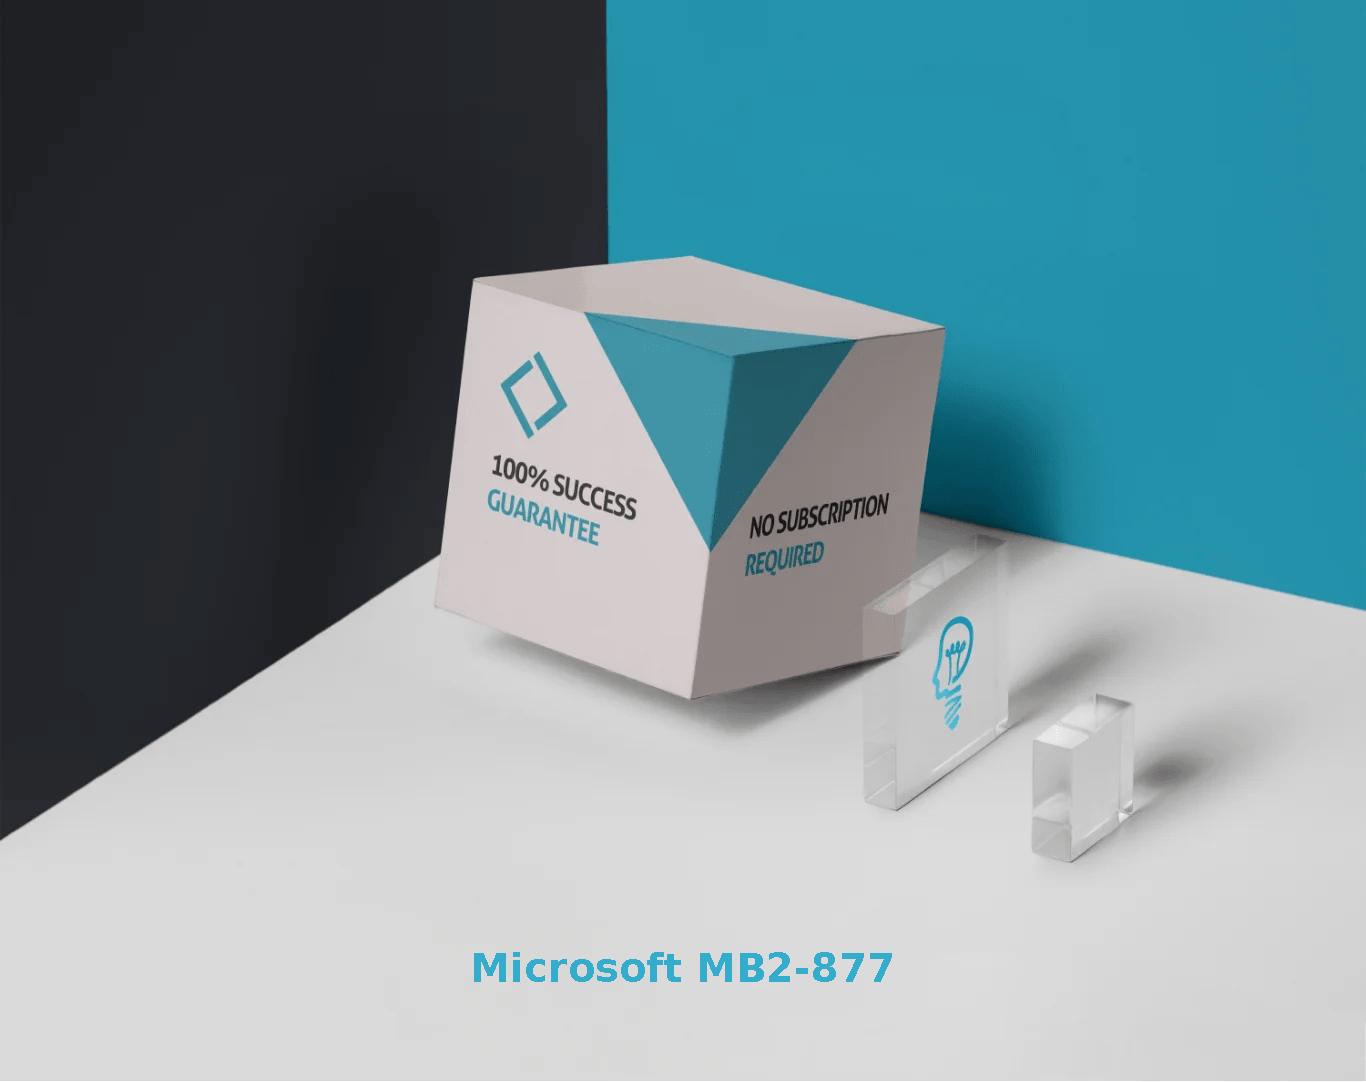 MB2-877 Dumps